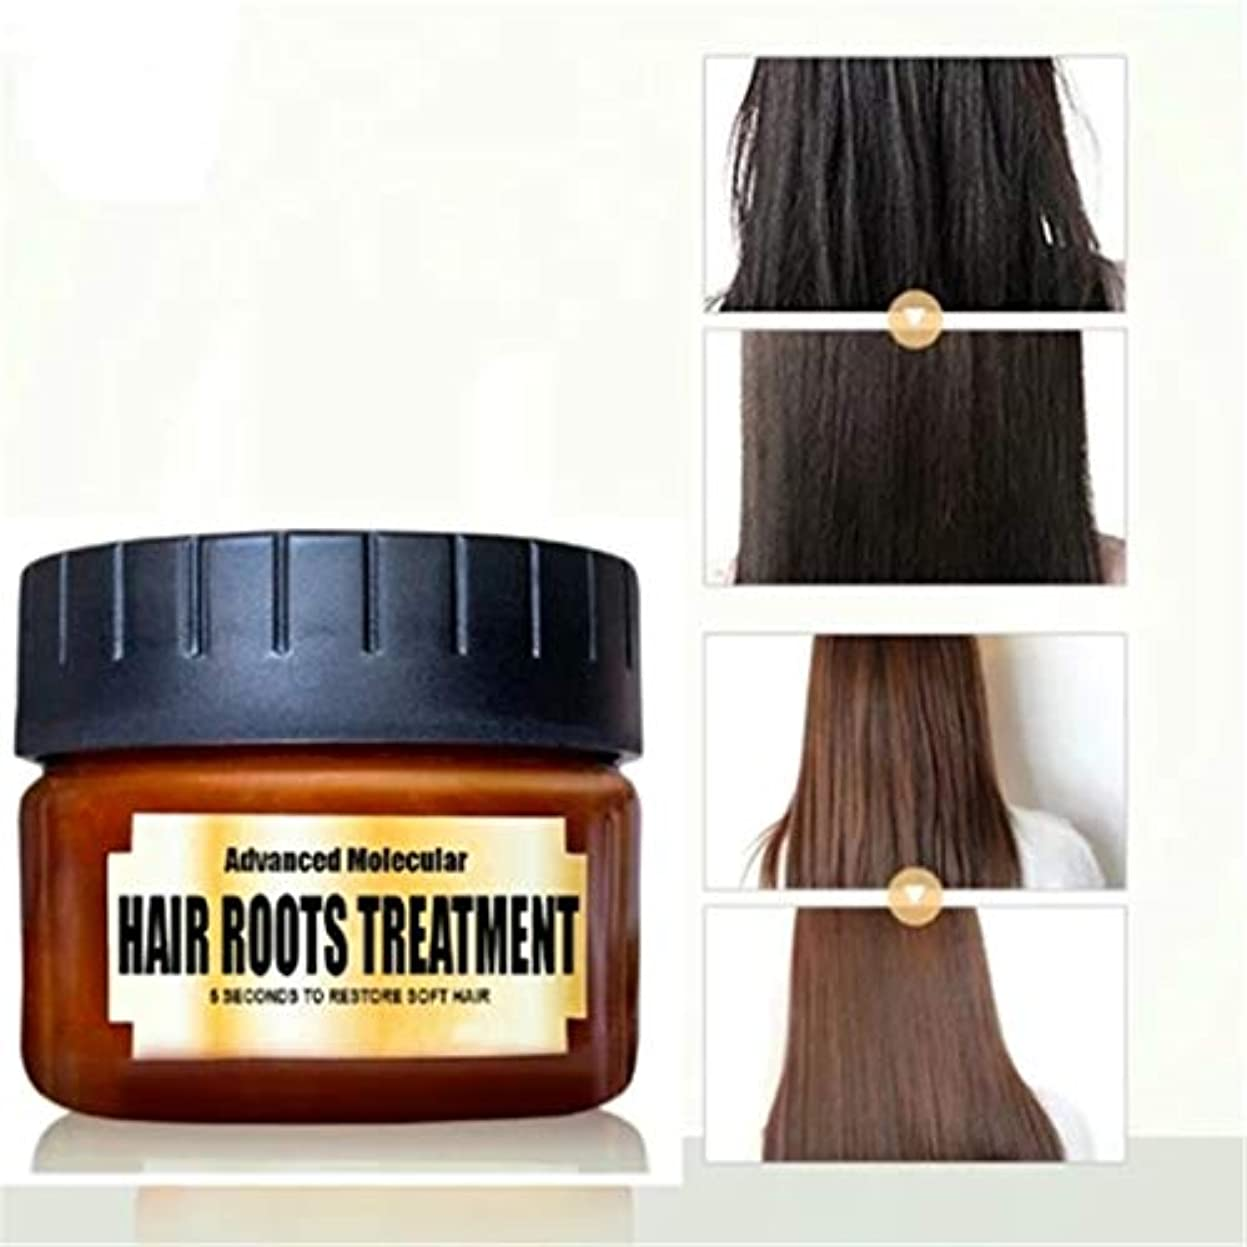 ラベルもっともらしい一般コンディショナー ヘアケアコンディショナー ヘアデトキシファイングヘアマスク 高度な分子 毛根治療の回復 乾燥または損傷した髪と頭皮の治療のための髪の滑らかなしなやか (B 60 ml)